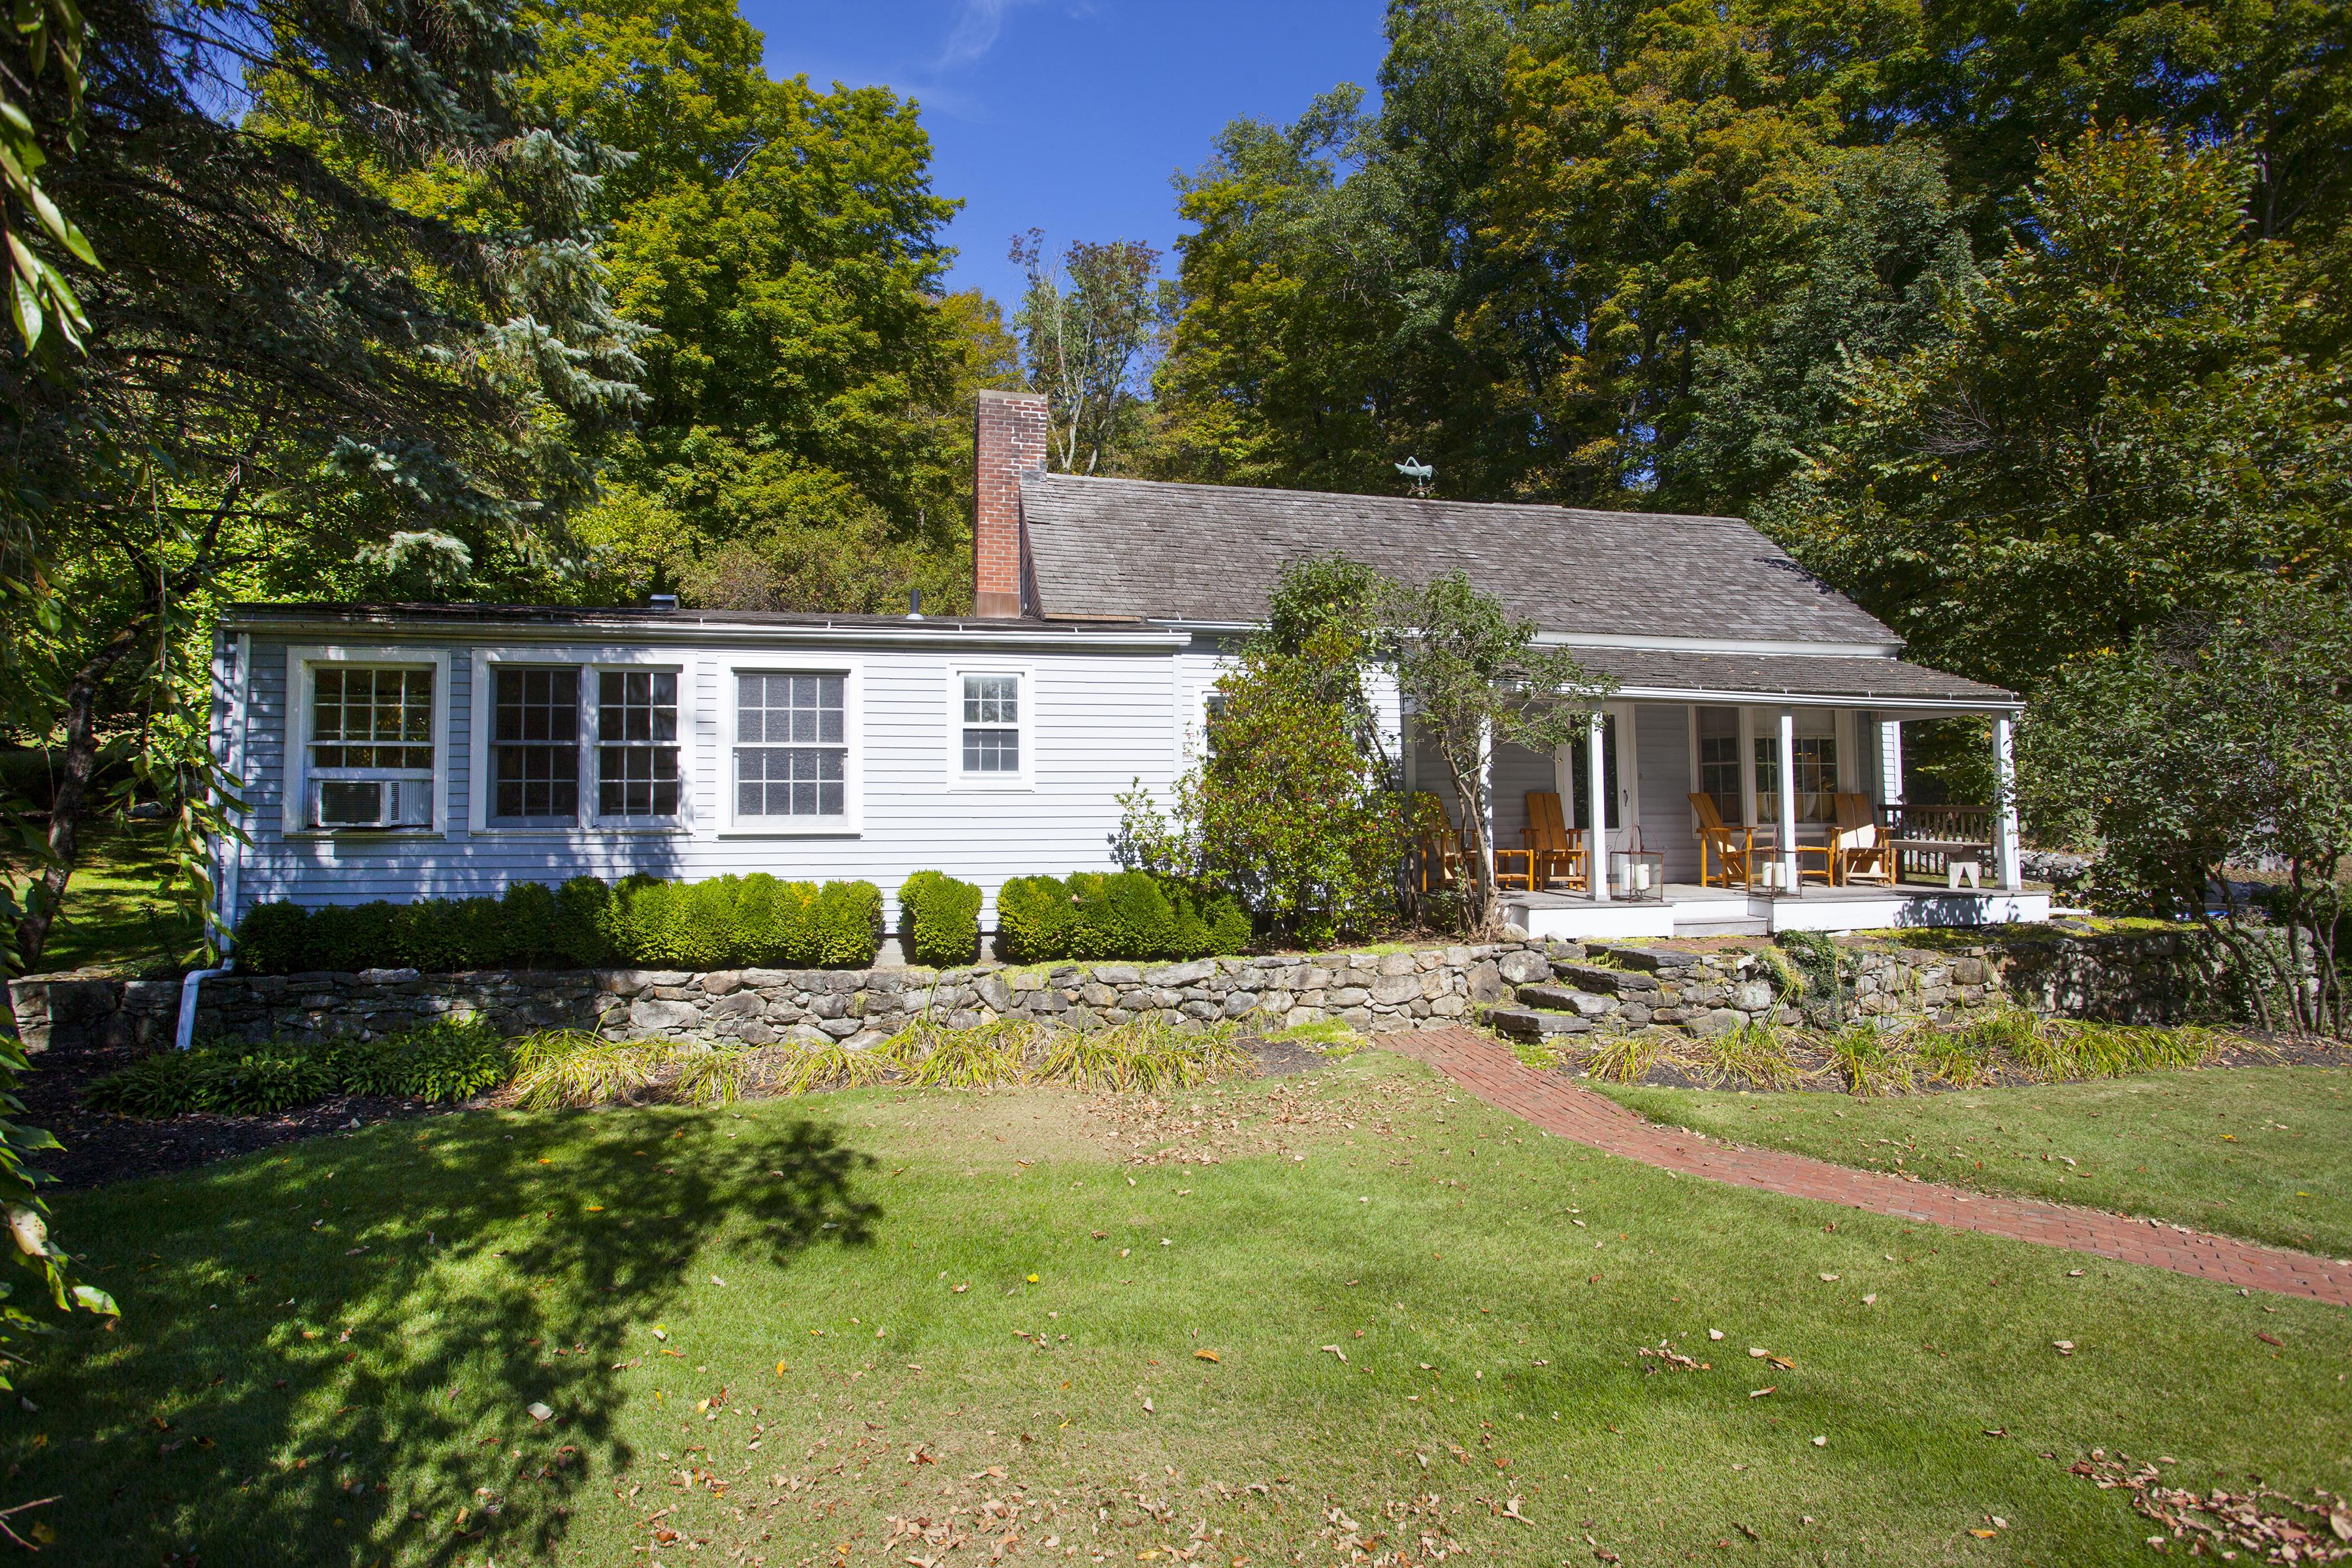 Maison unifamiliale pour l Vente à 1870 Schoolhouse Reborn 9 Macedonia Brook Kent, Connecticut 06757 États-Unis